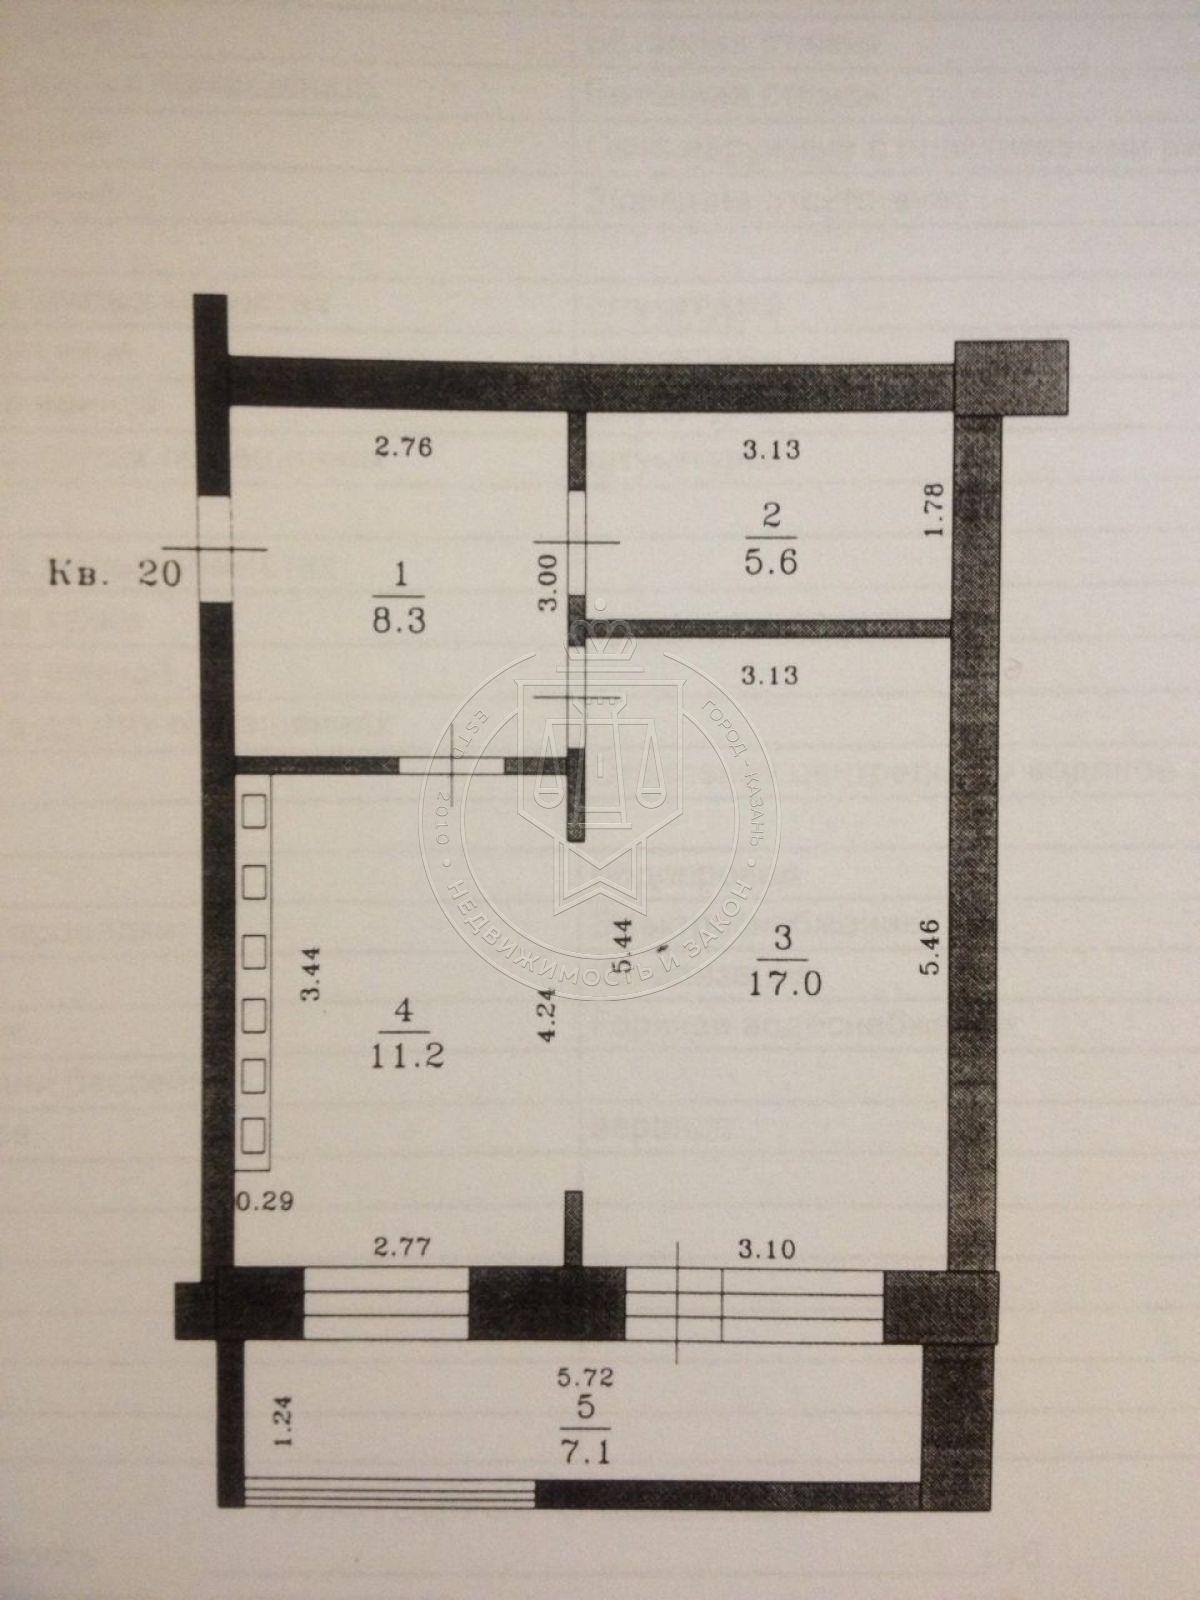 Продажа 1-к квартиры Солнечная (Лесной городок) ул, 58, 50.0 м² (миниатюра №5)